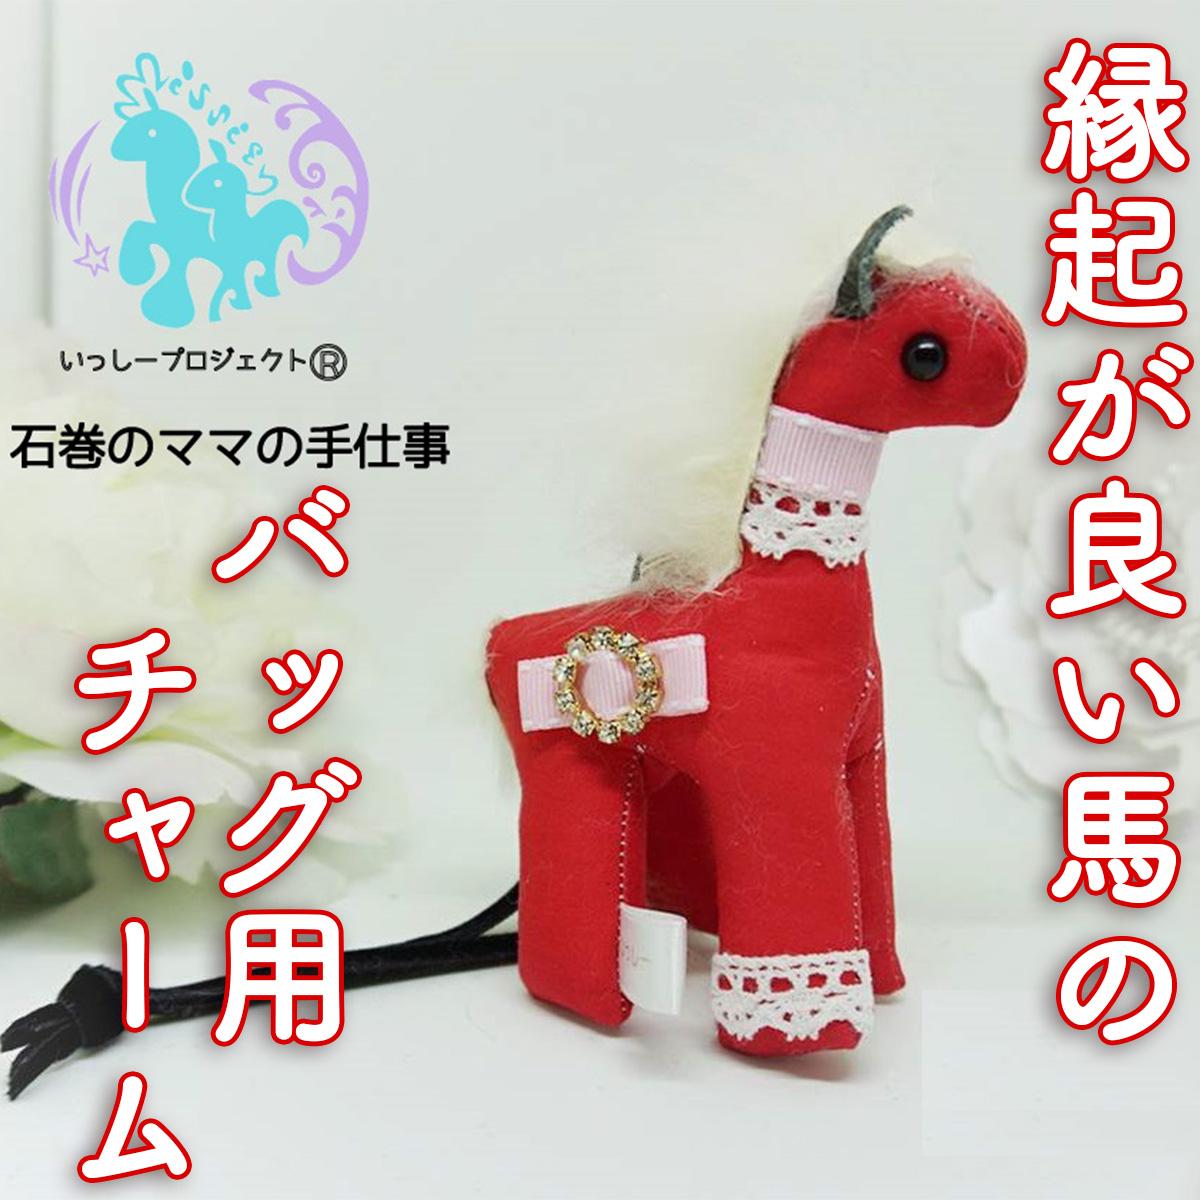 【ふるさと納税】ラッキー☆馬のいっしーチャーム(キラキラRedこいっしー)